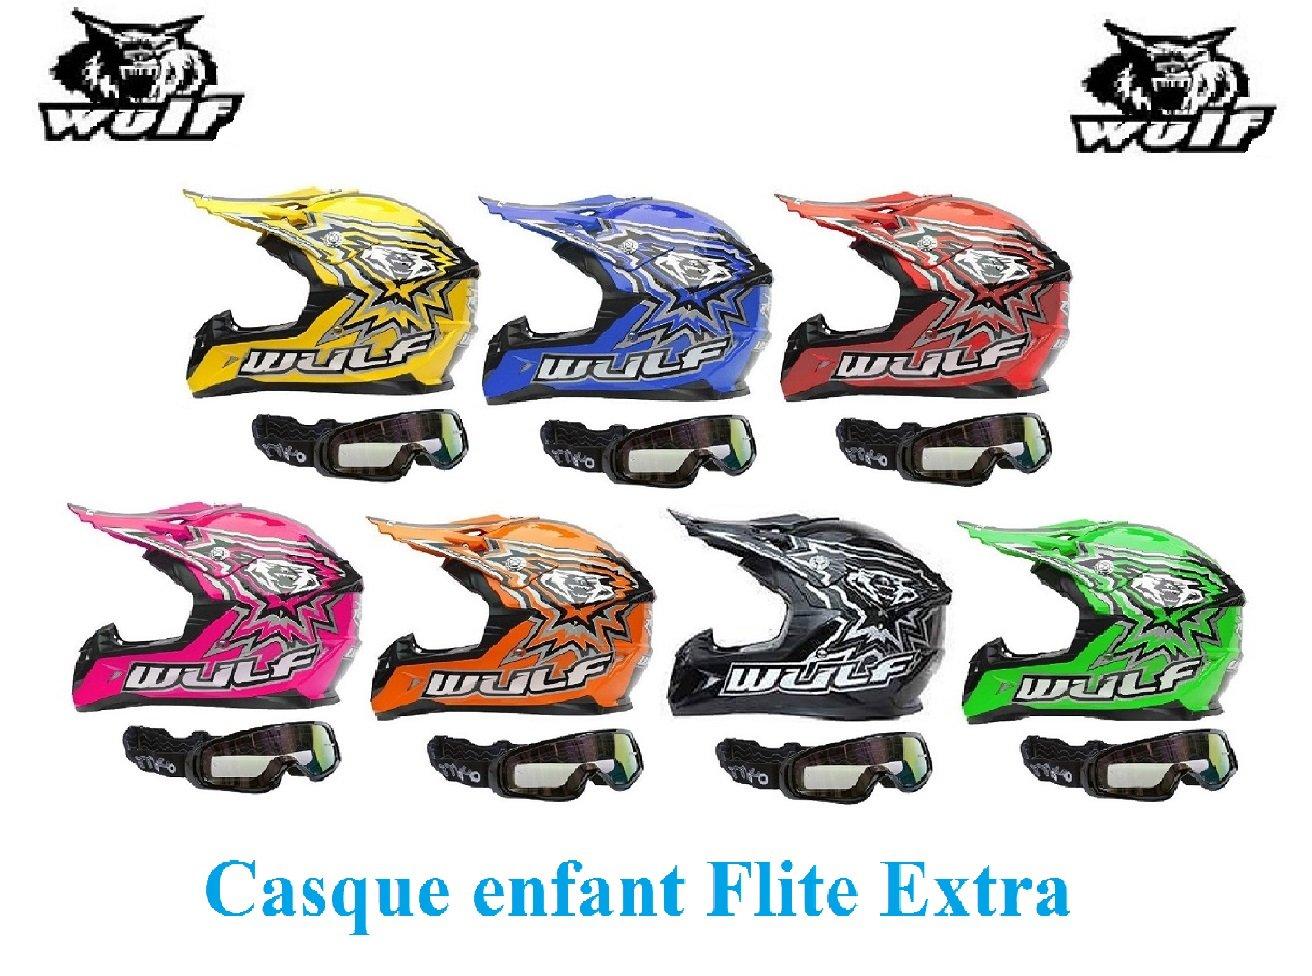 Casque moto enfant WULF FLITE-EXTRA ENFANTS CASQUE Moto Quad MX VTT Sports hors route Casque ECE + X1 Lunettes noires (noir, M) WULFSPORT